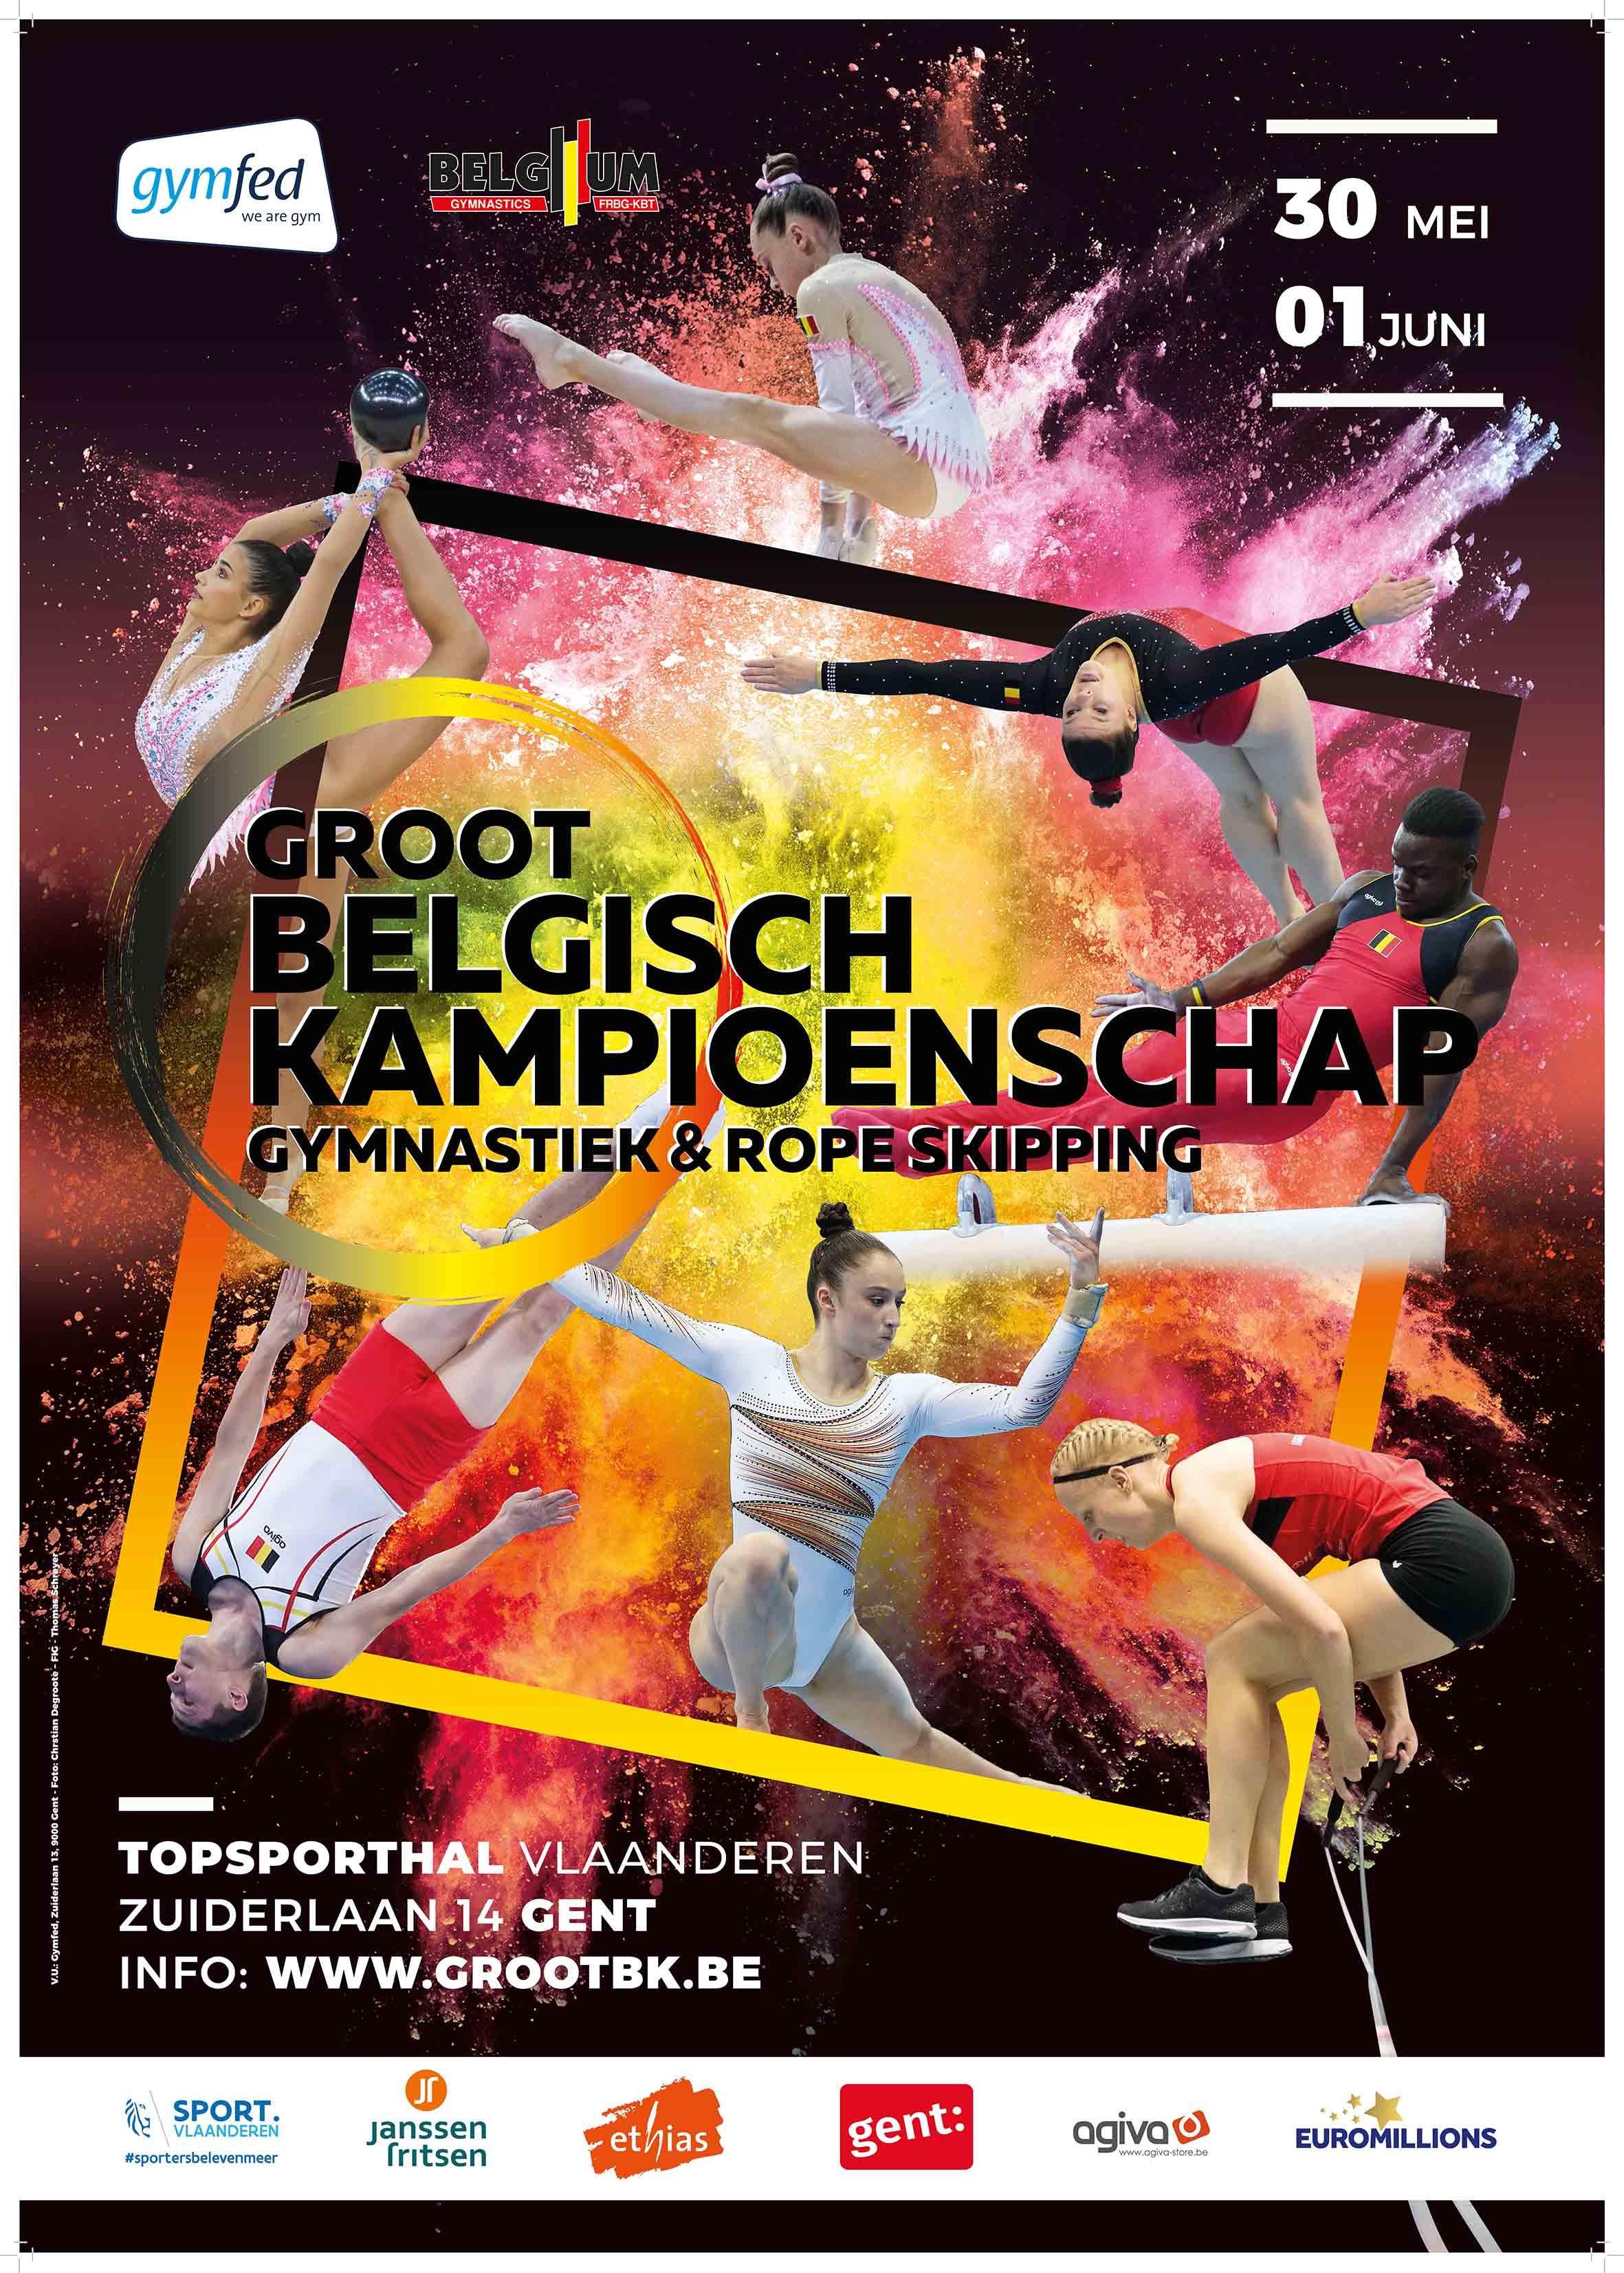 ACRO - Groot Belgisch kampioenschap (annulatie)